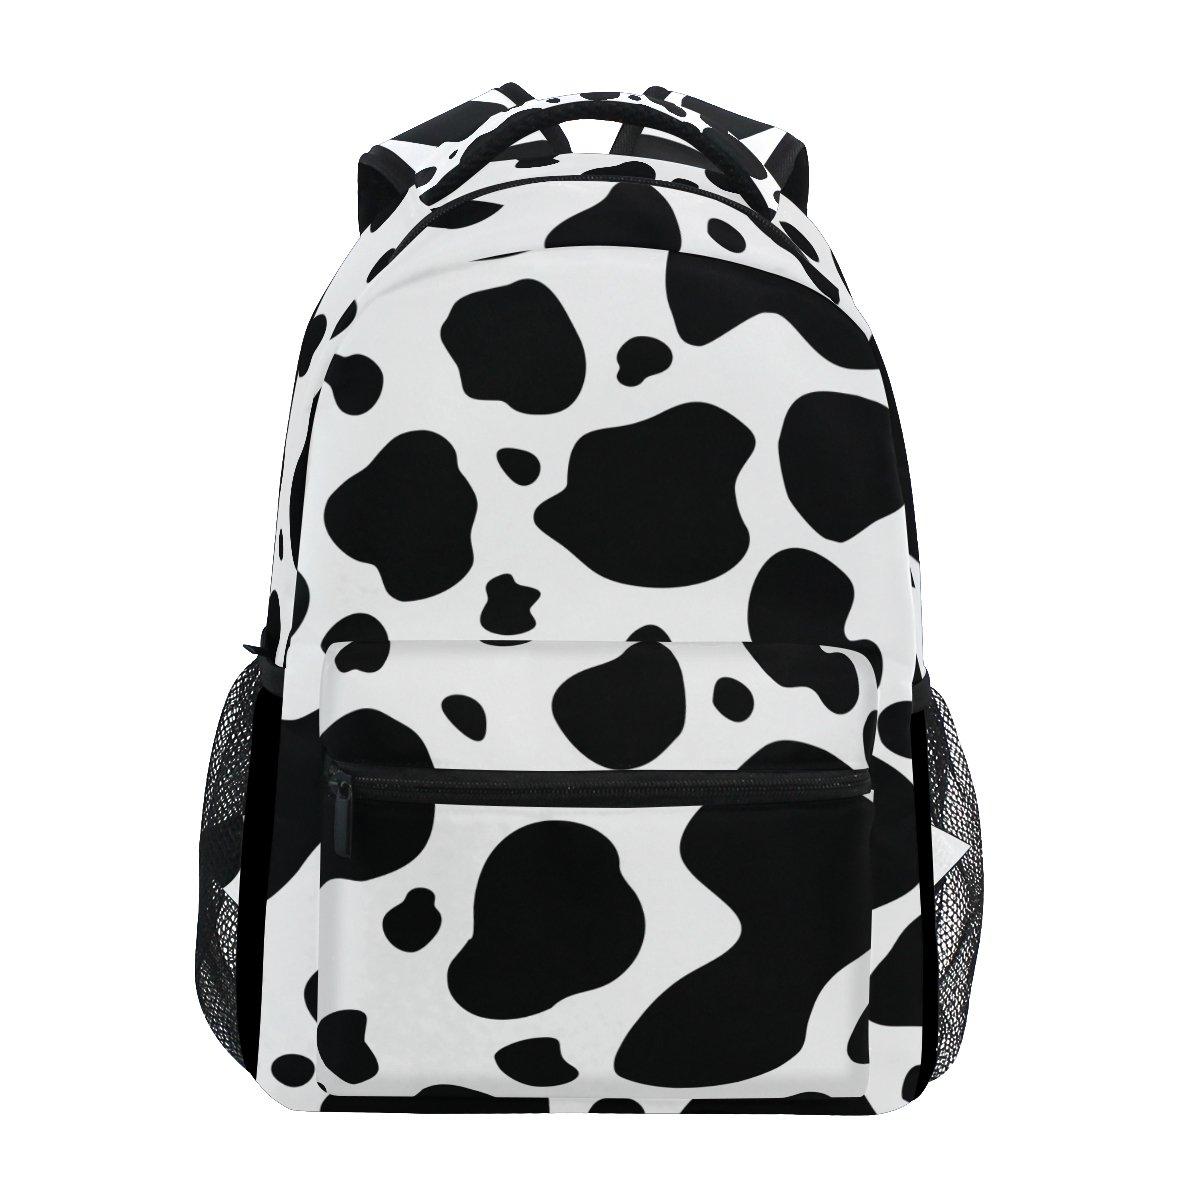 blanco y negro Vaca Mochila Casual Escuela bolsa de viaje Multicolor